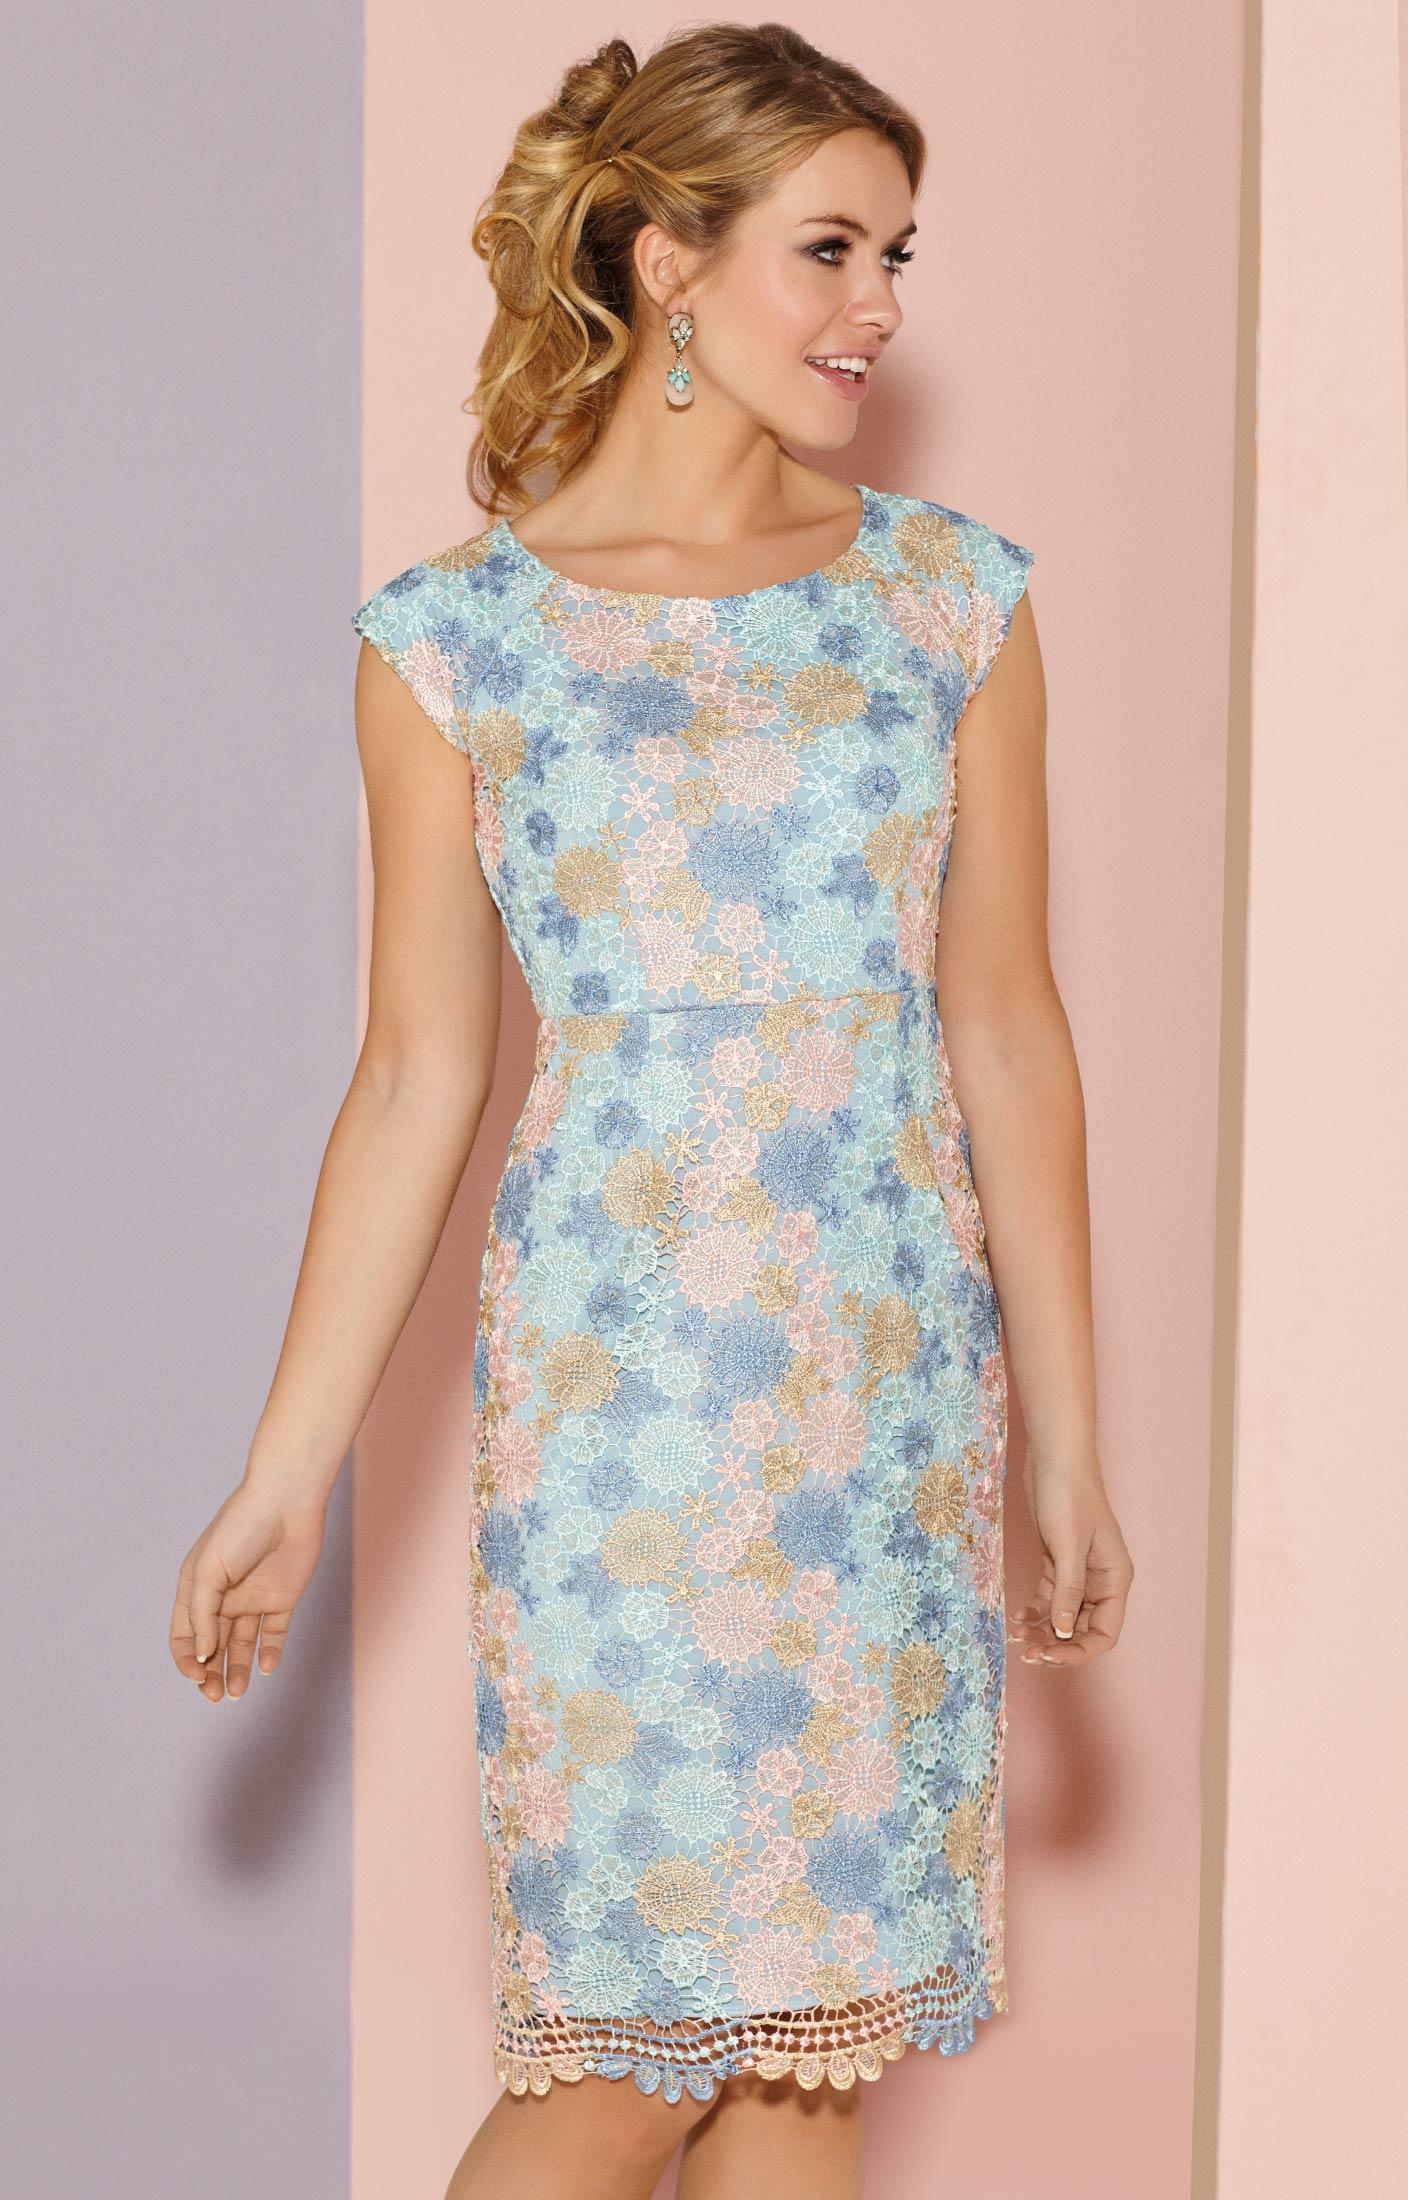 Atlanta Dress Short Pastel Daisy Evening Dresses